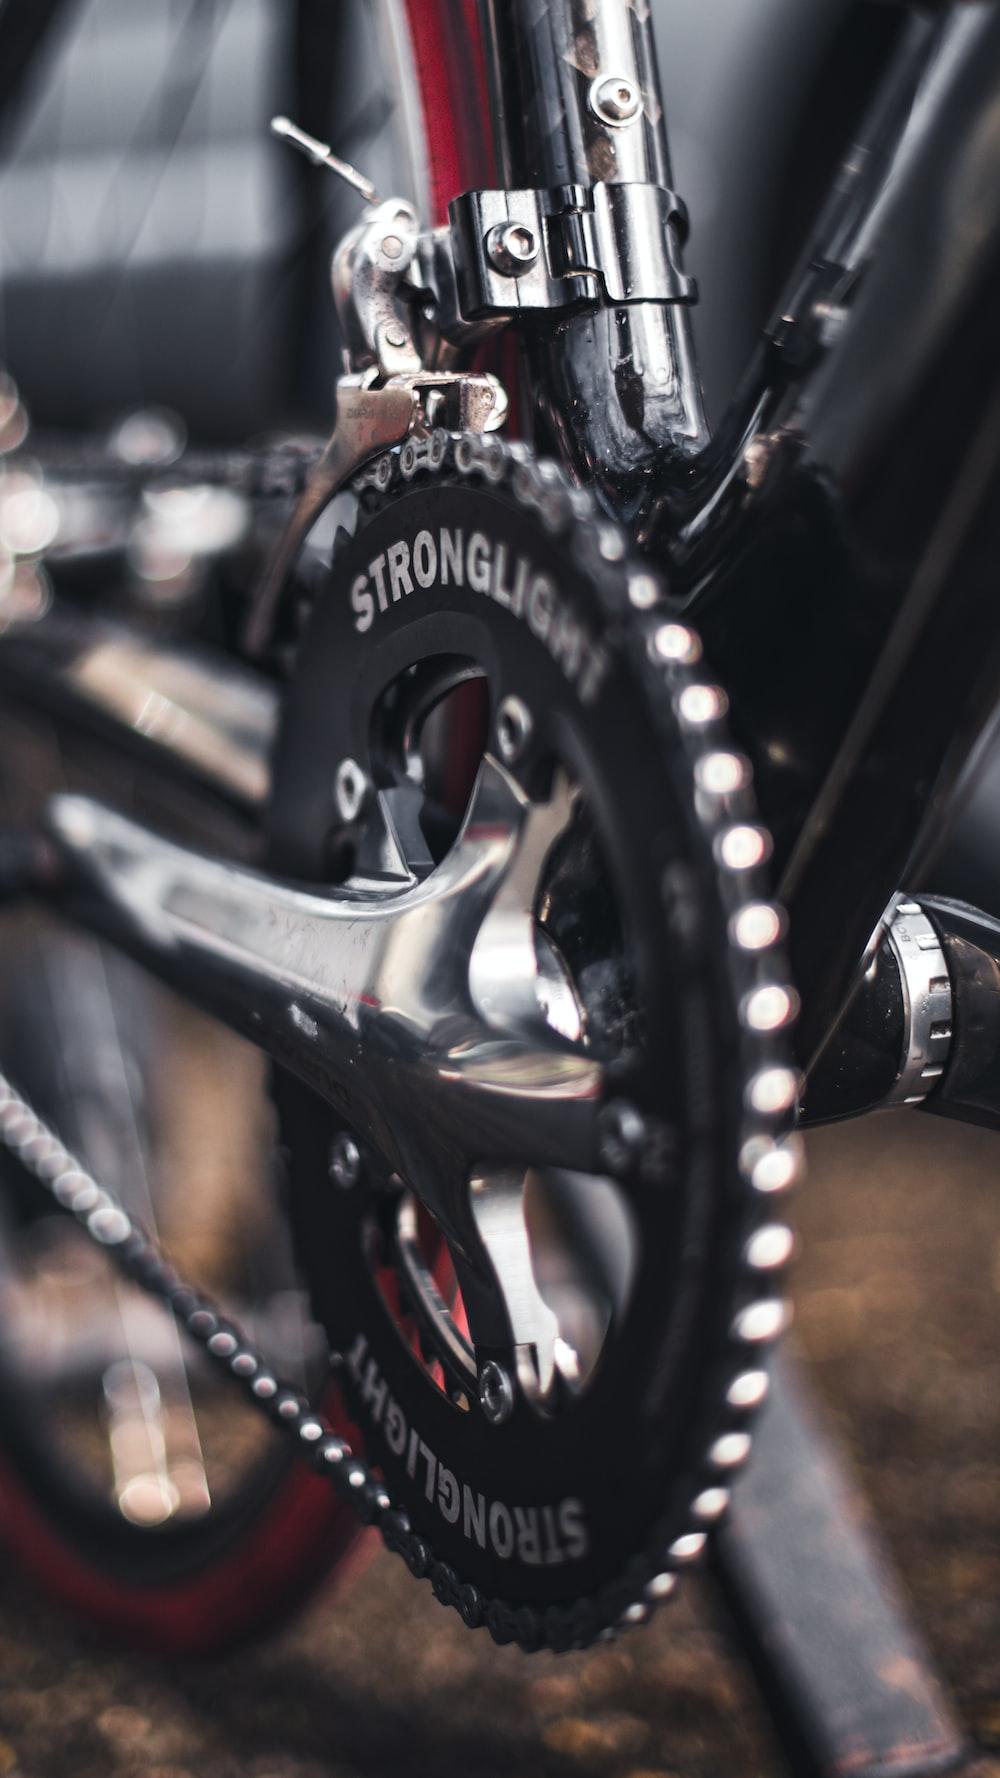 black Stronglite bicycle sprocket